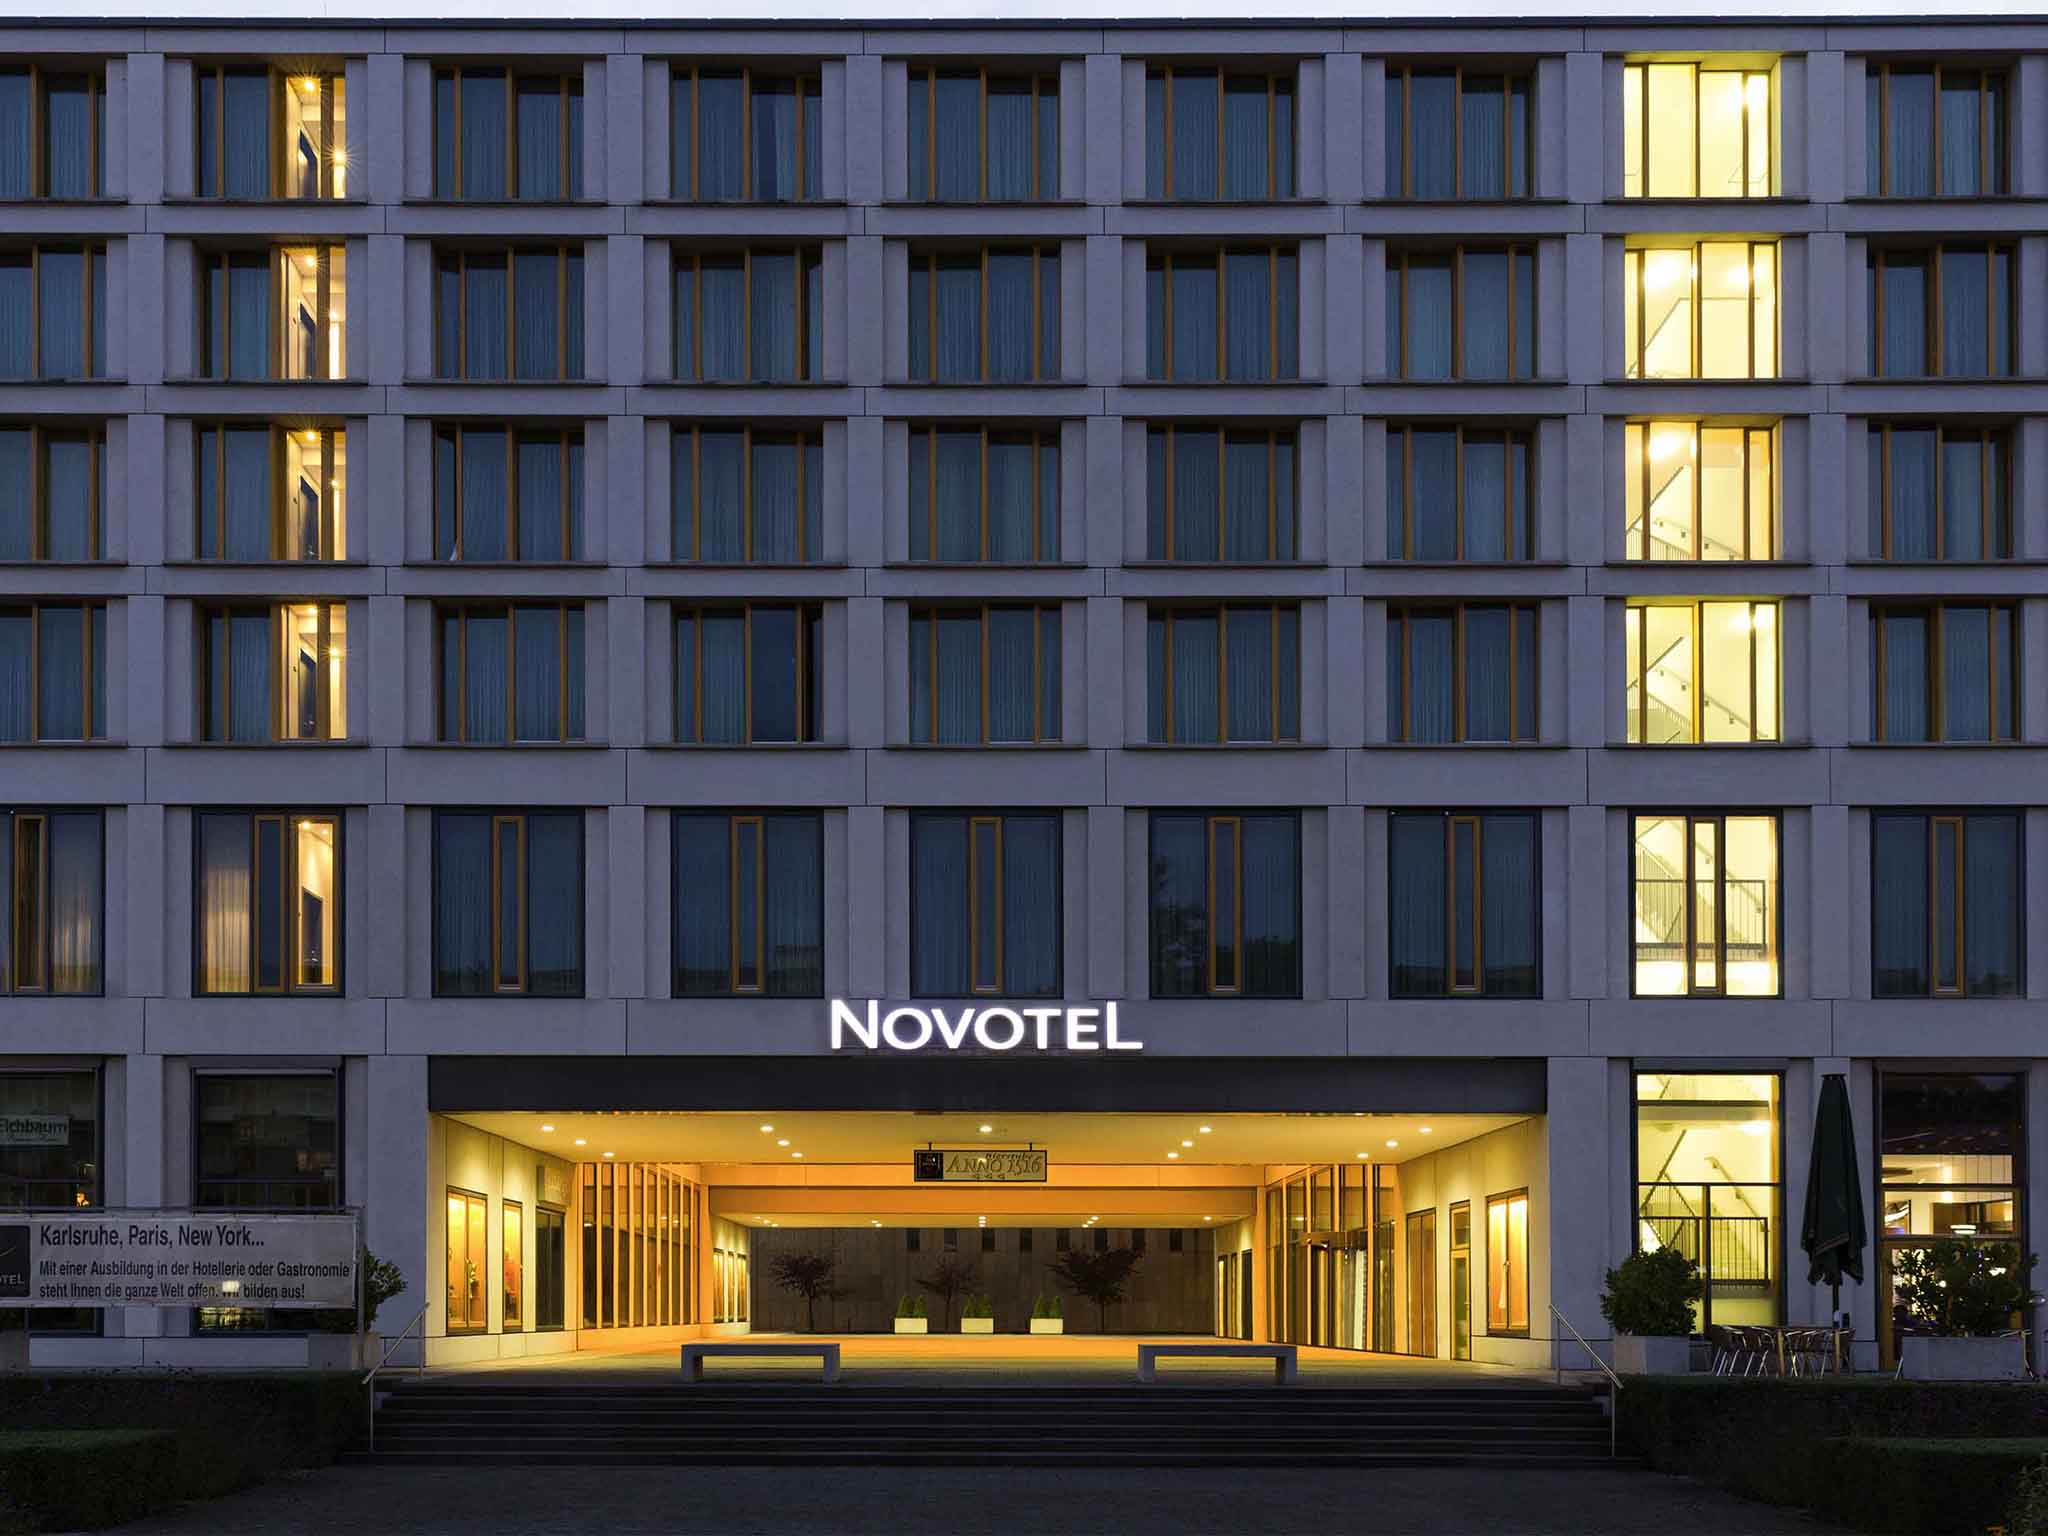 Hotell – Novotel Karlsruhe City